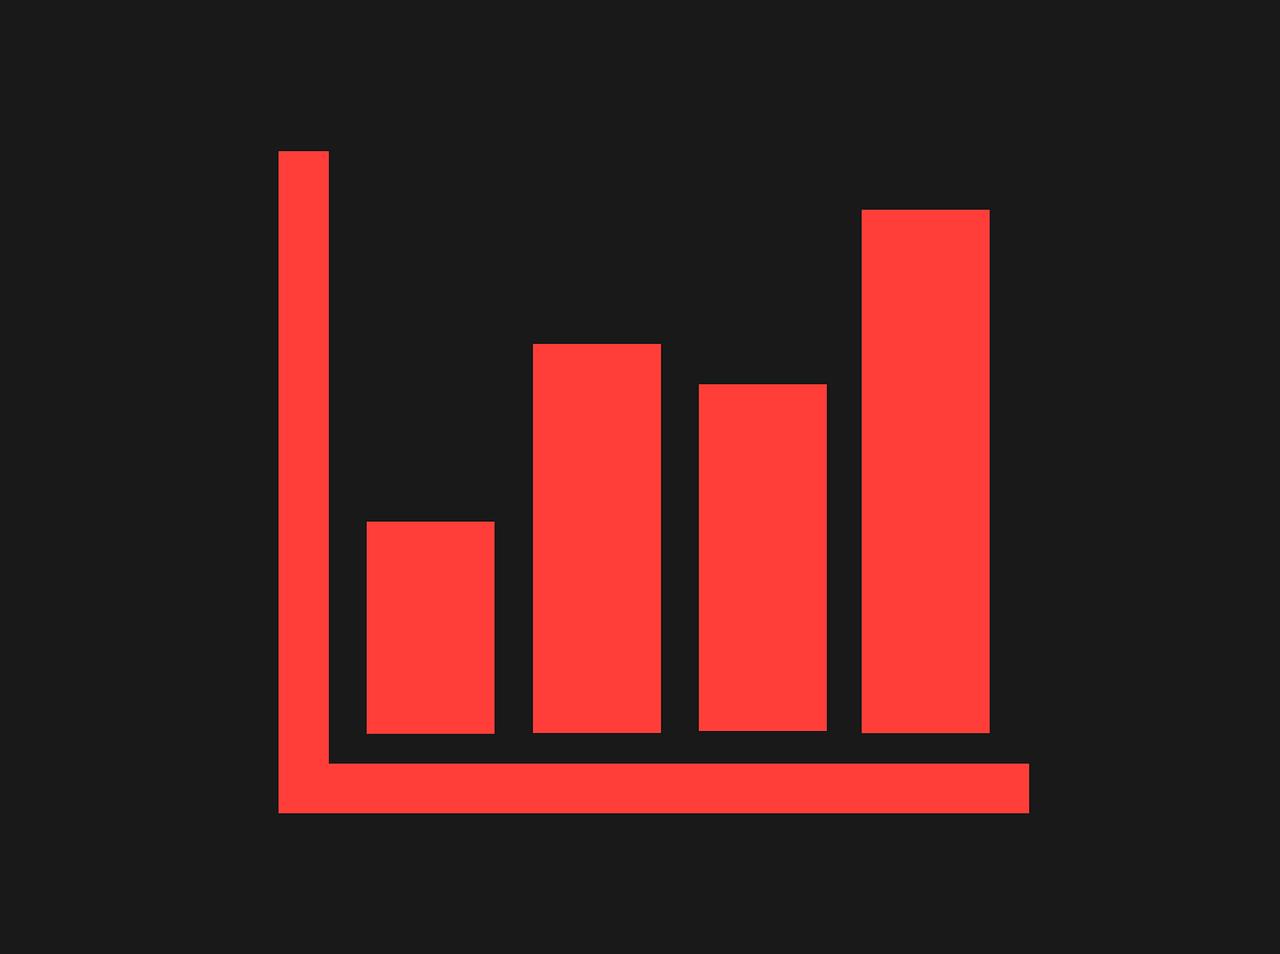 analytics-1799644_1280.png